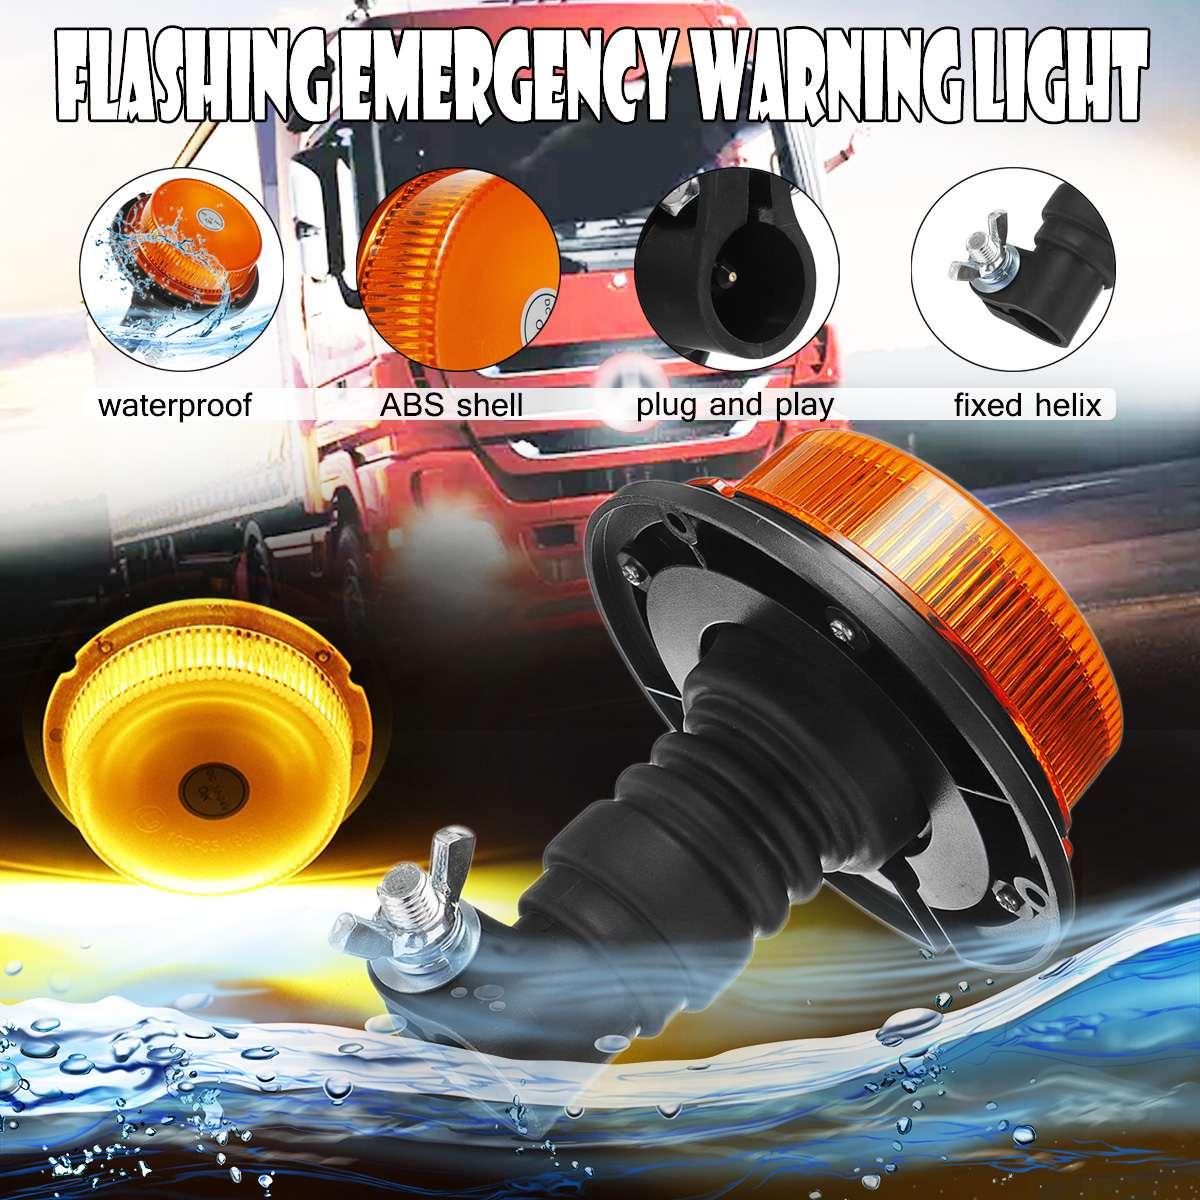 LED Lampeggiante di Avvertimento Luce Impermeabile del Camion Dellautomobile di Emergenza Luce Lampeggiante Vigili Del Fuoco Luci di 12-24 V per Veicolo Agricolo TrattoreLED Lampeggiante di Avvertimento Luce Impermeabile del Camion Dellautomobile di Emergenza Luce Lampeggiante Vigili Del Fuoco Luci di 12-24 V per Veicolo Agricolo Trattore